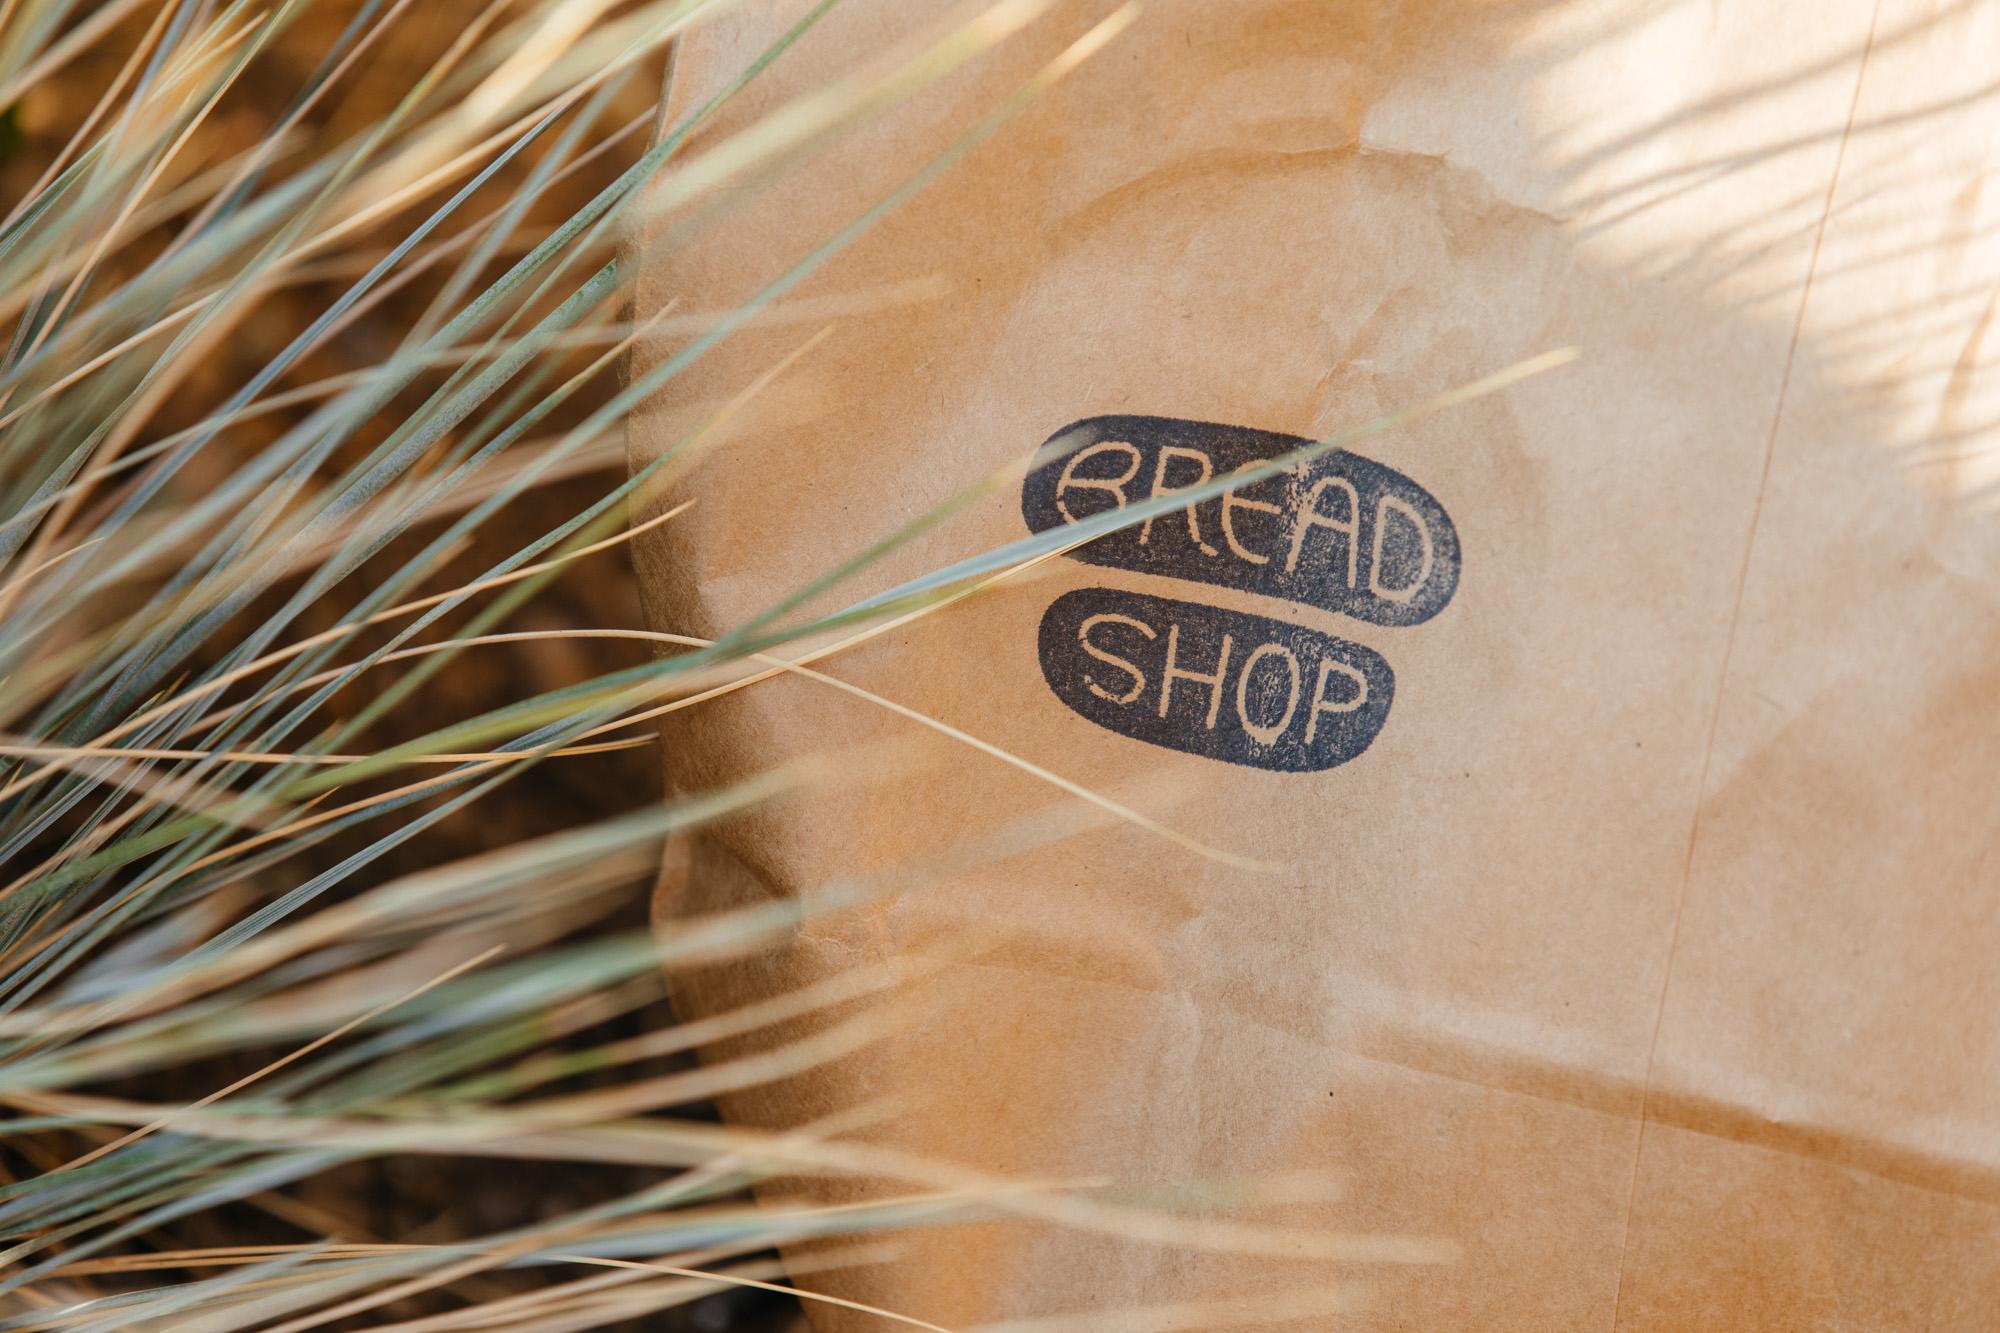 Bread Shop Santa Fe